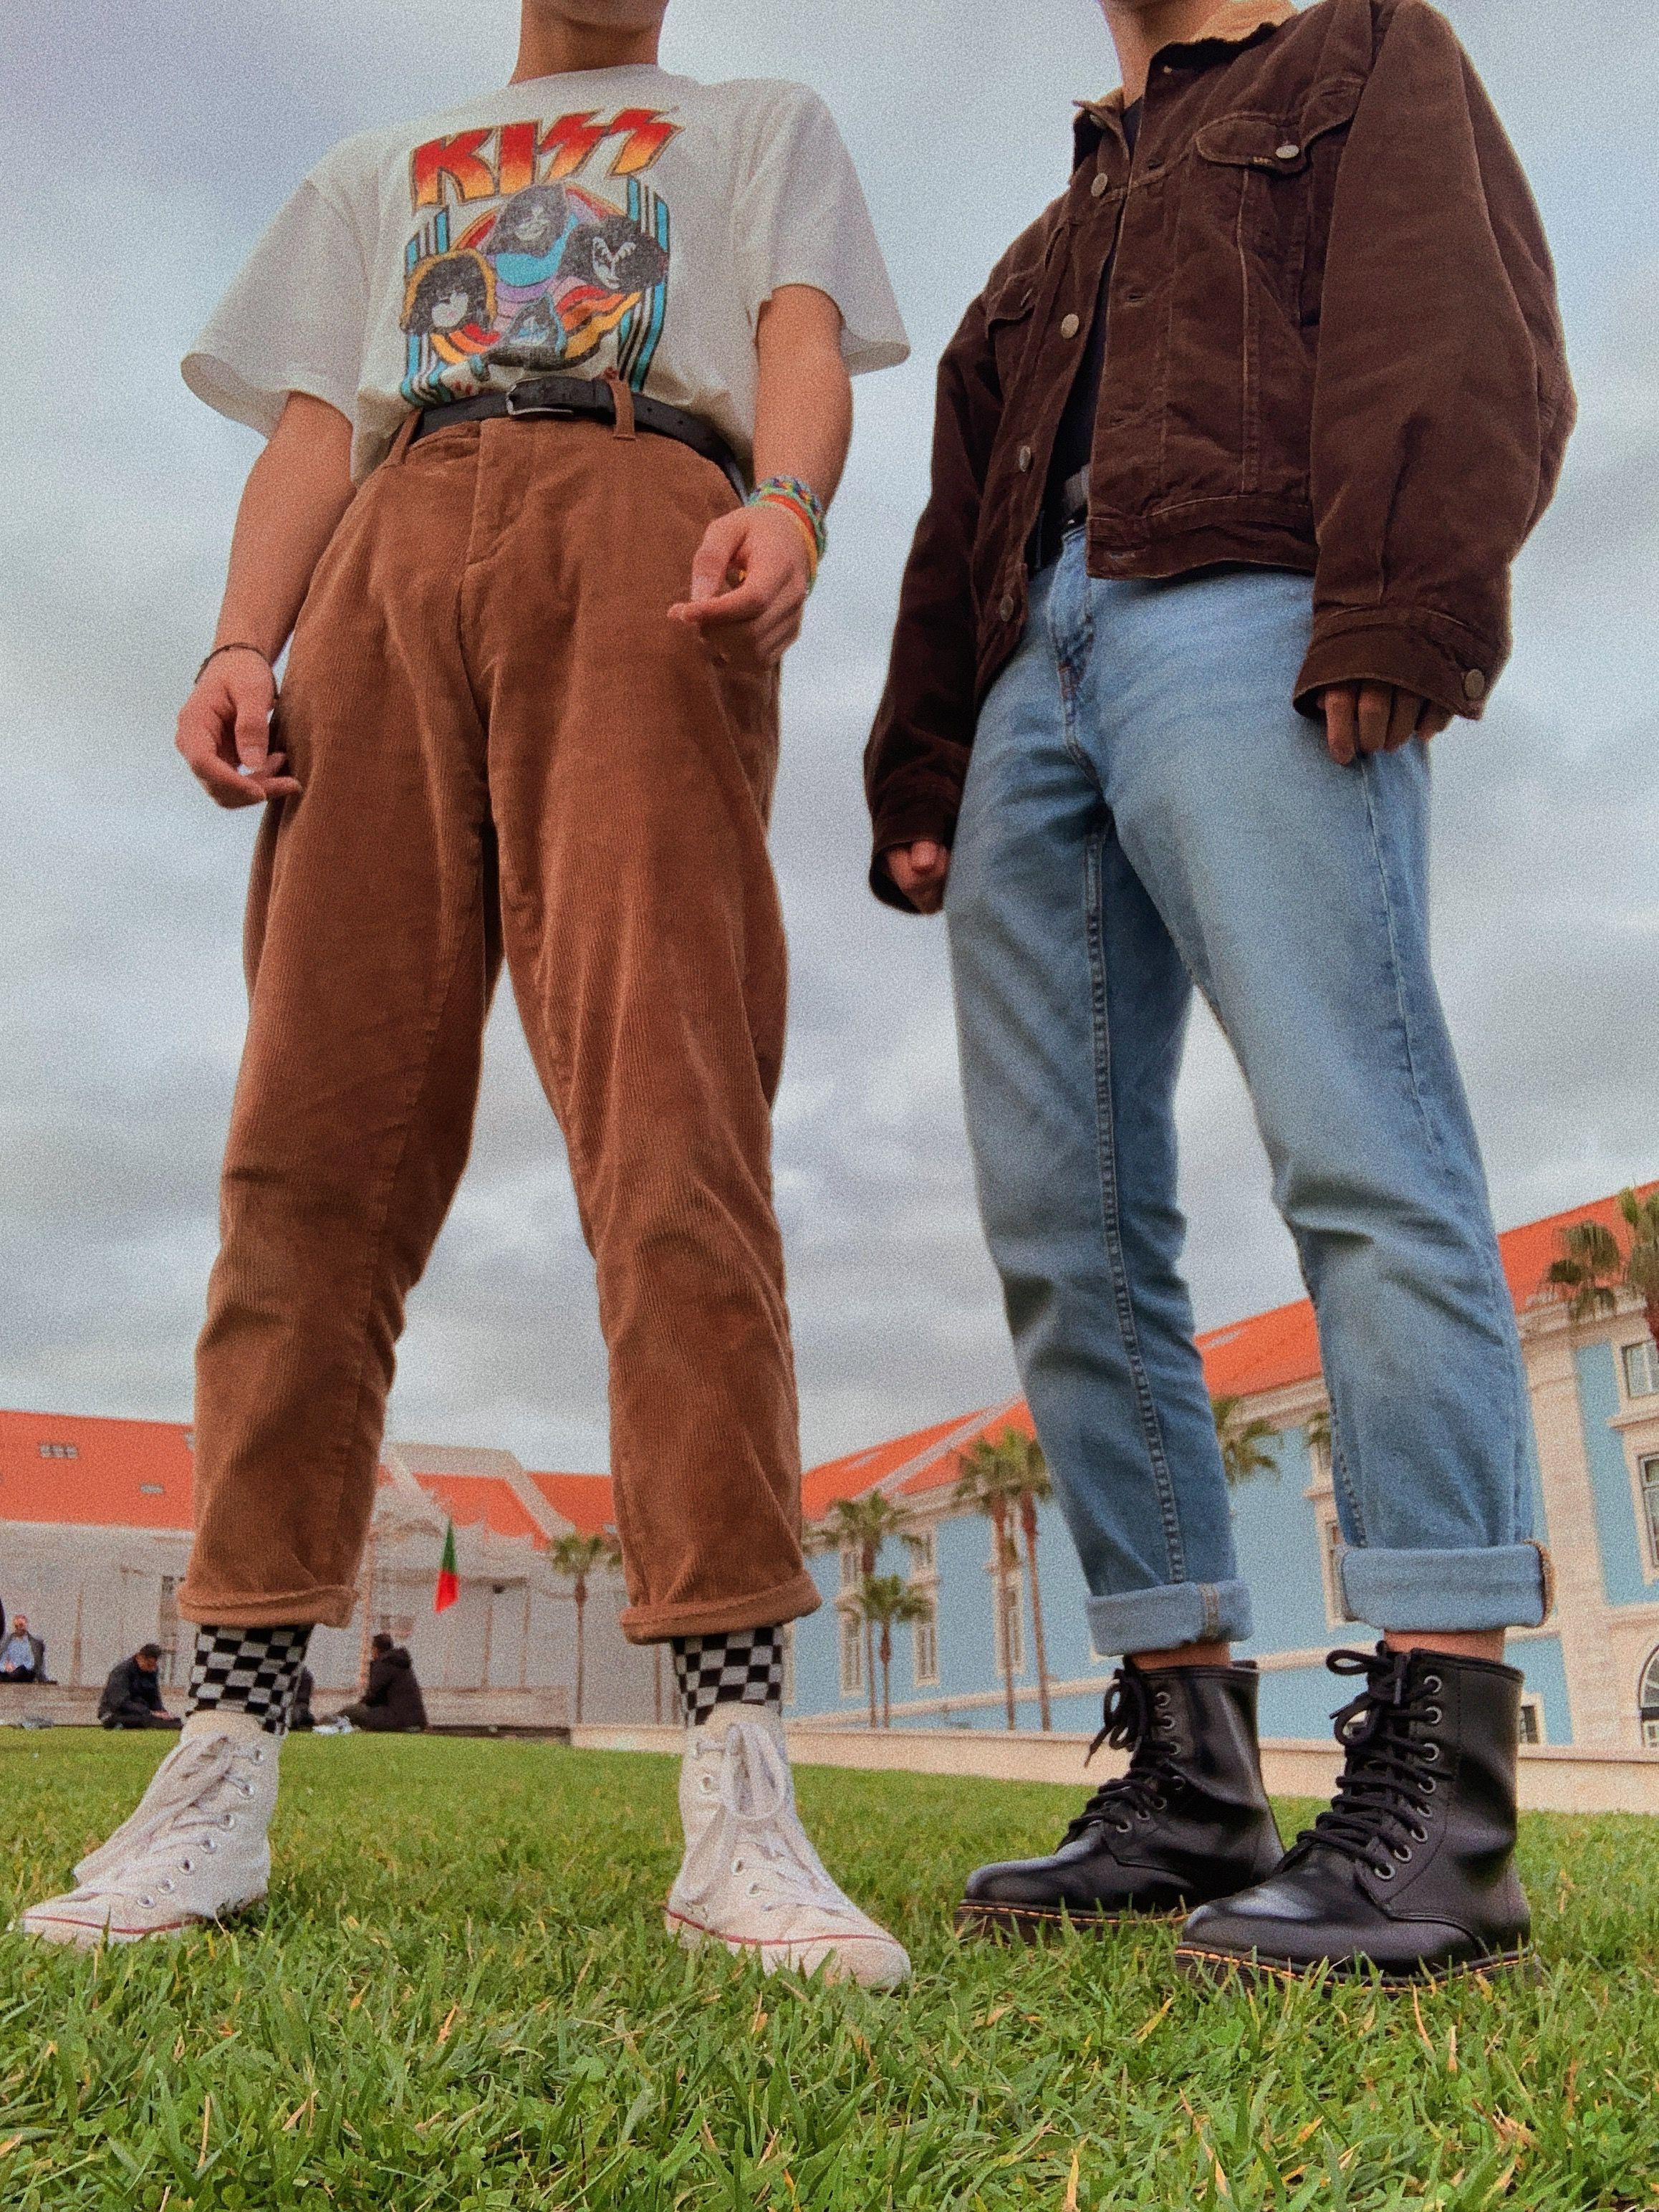 Demain Rétro - Vêtements vintage en ligne